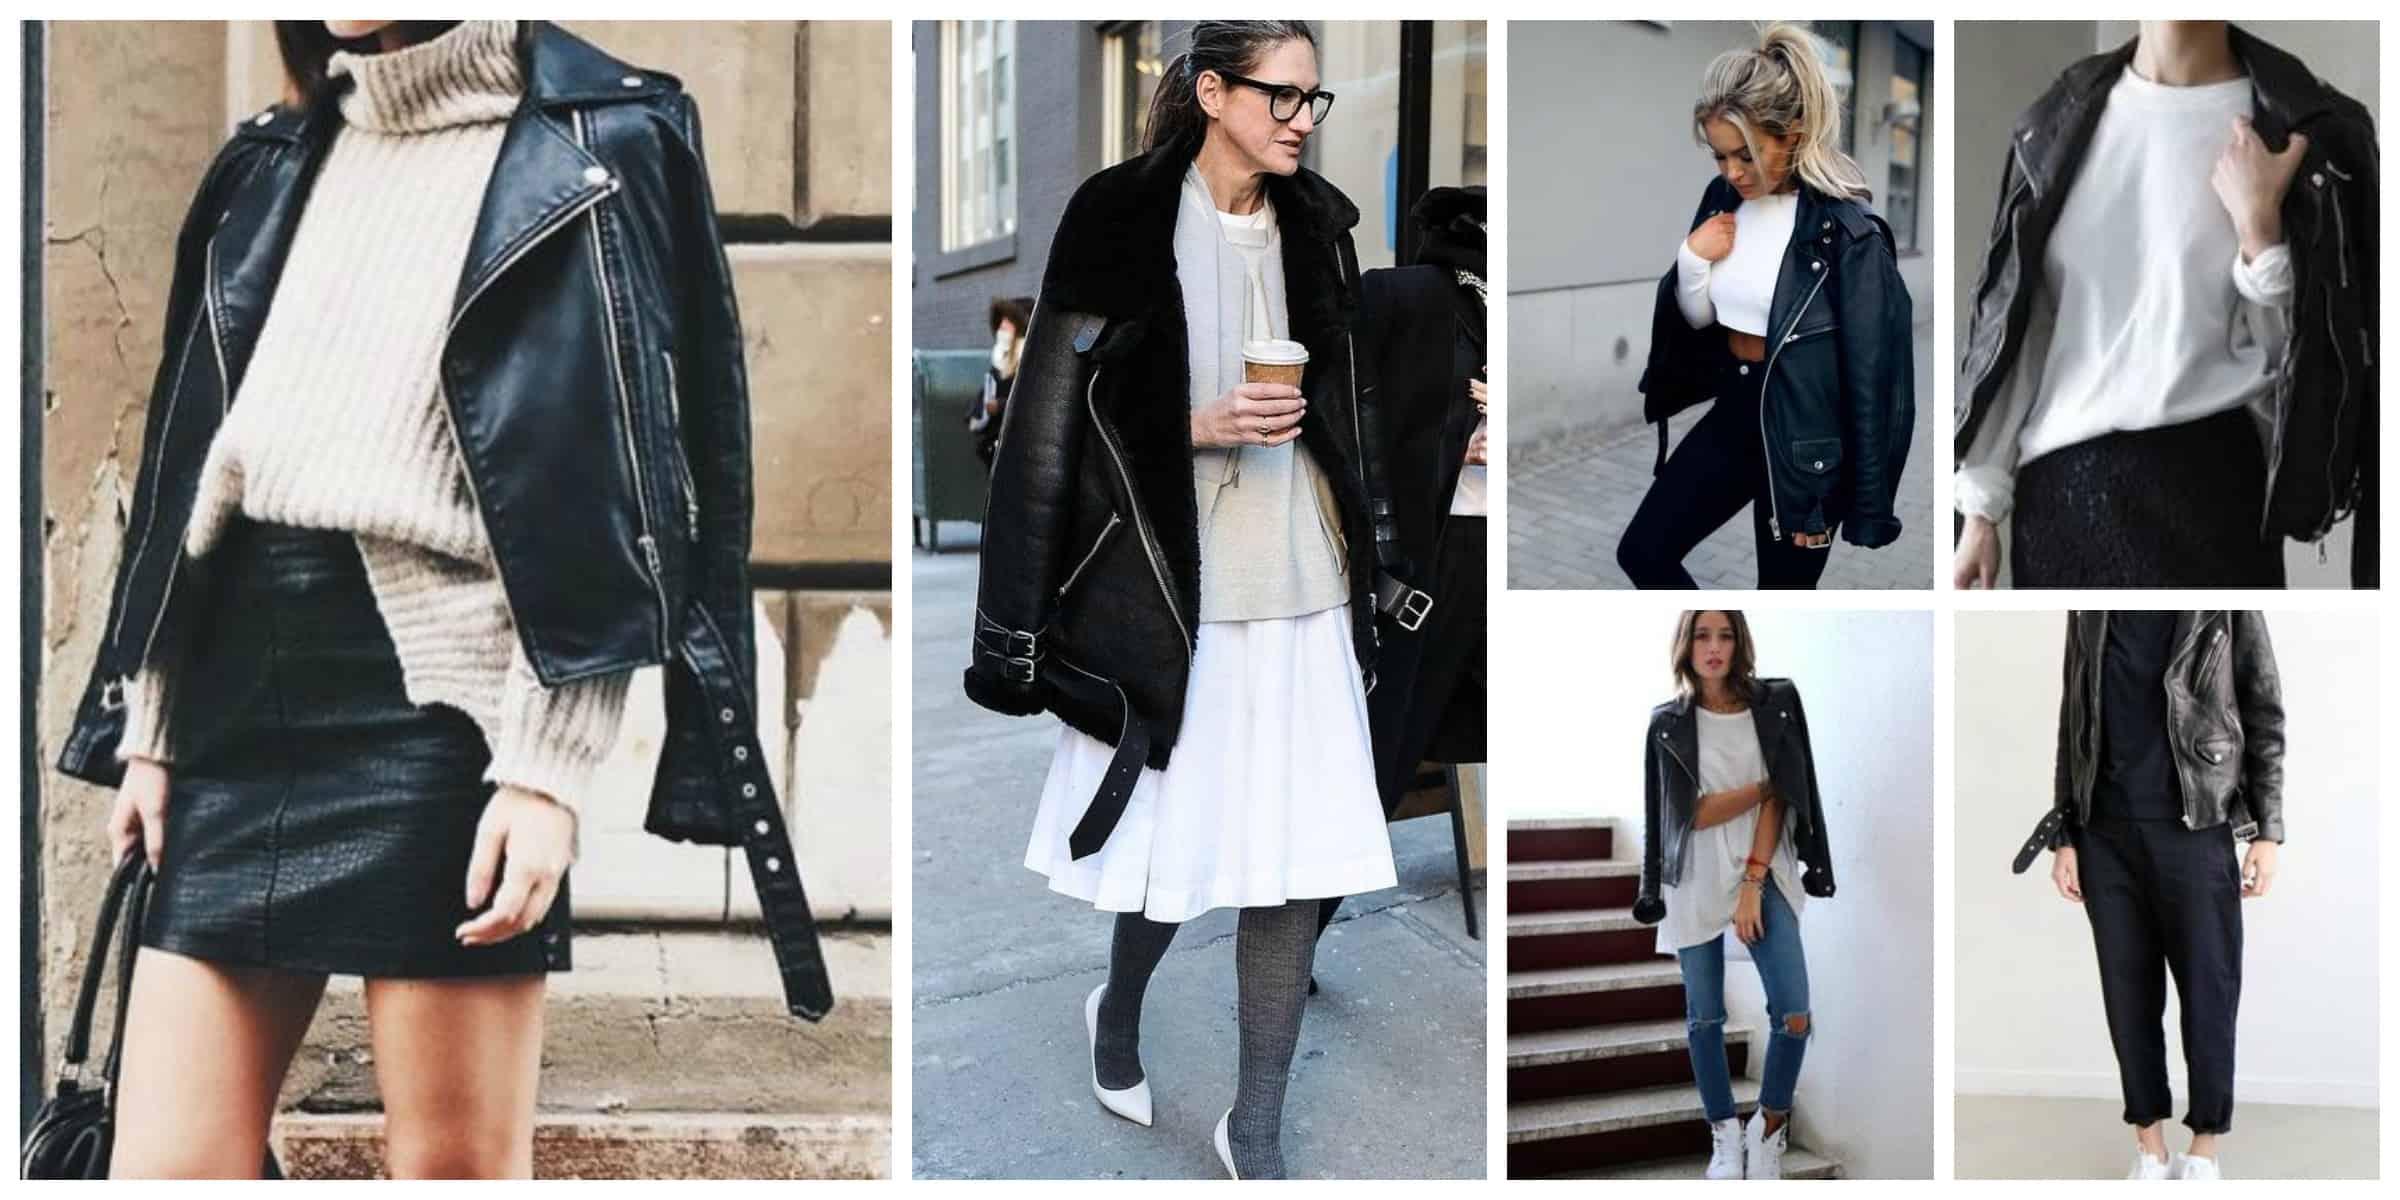 oversized-leather-jackets